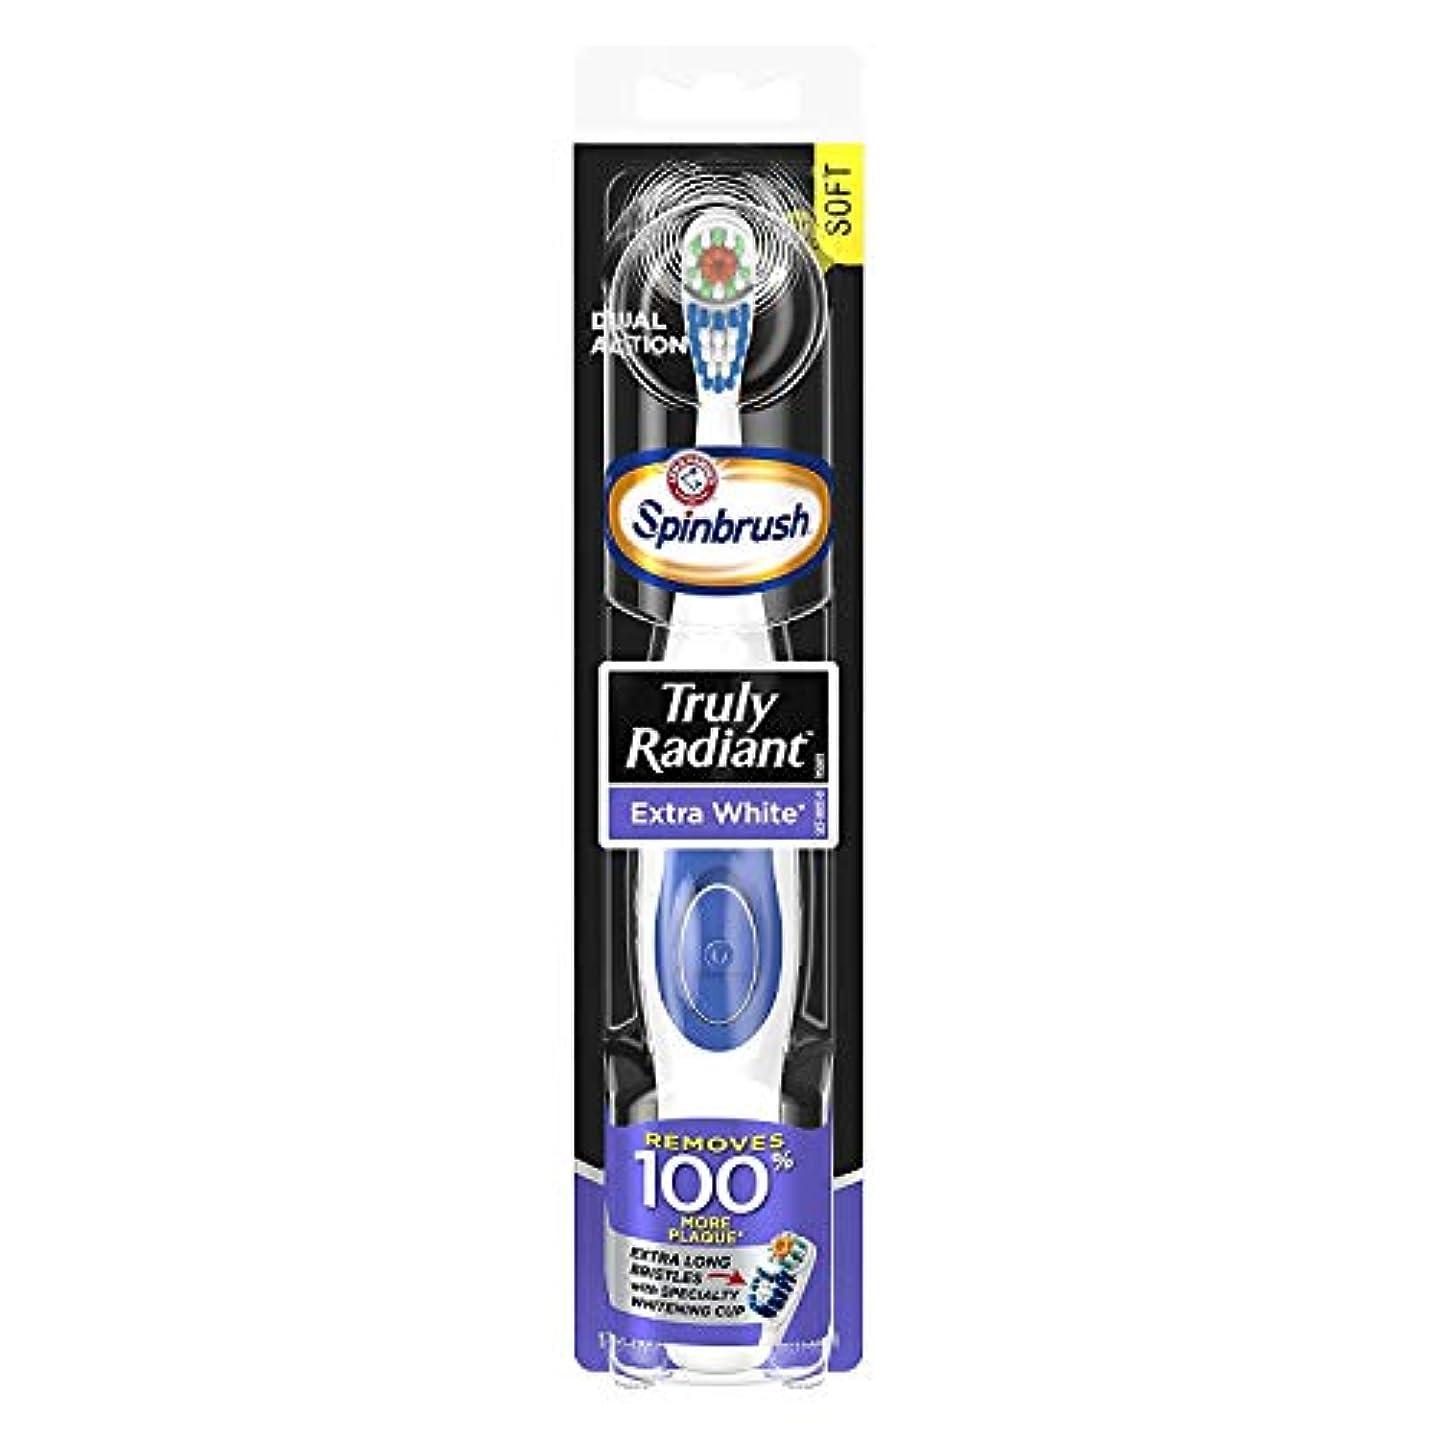 ネストタック貧困ARM & HAMMER Spinbrush Powered Truly Radiant Toothbrush, Extra White, Soft 1 ea by Arm & Hammer